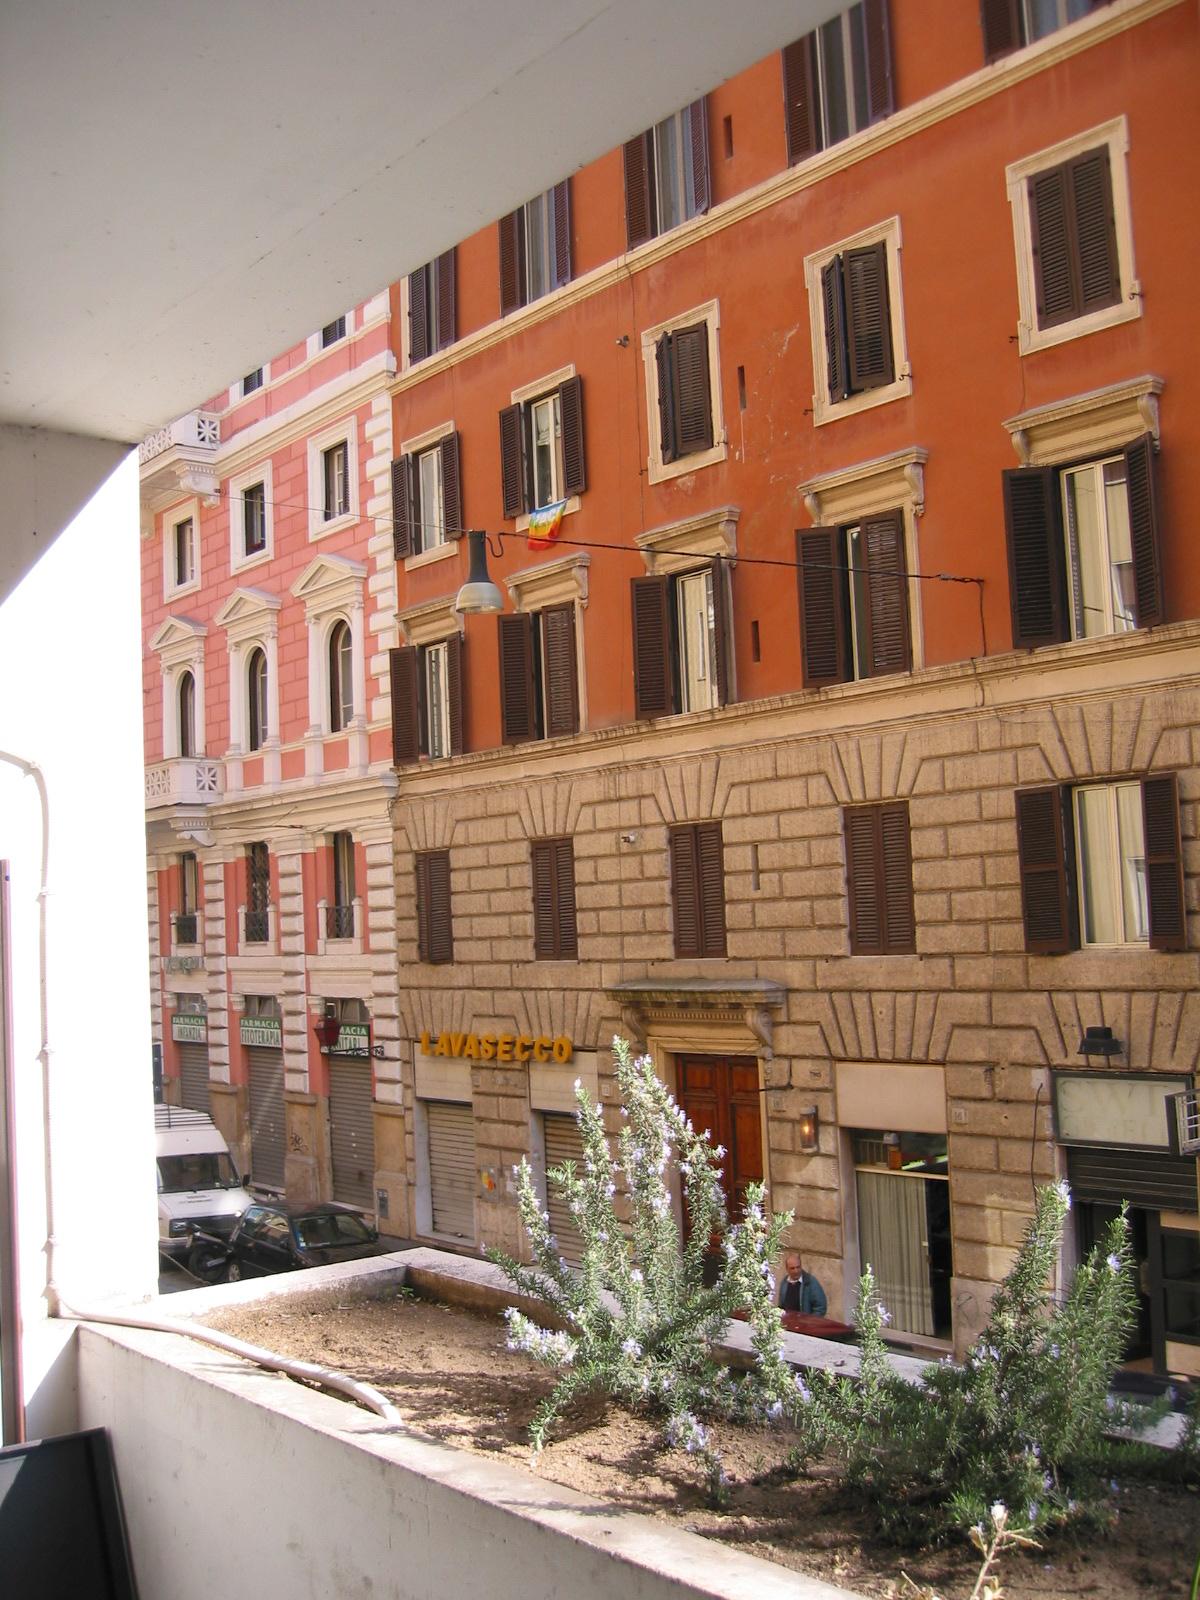 Casa in via messina archidiap - Casa della moquette messina ...